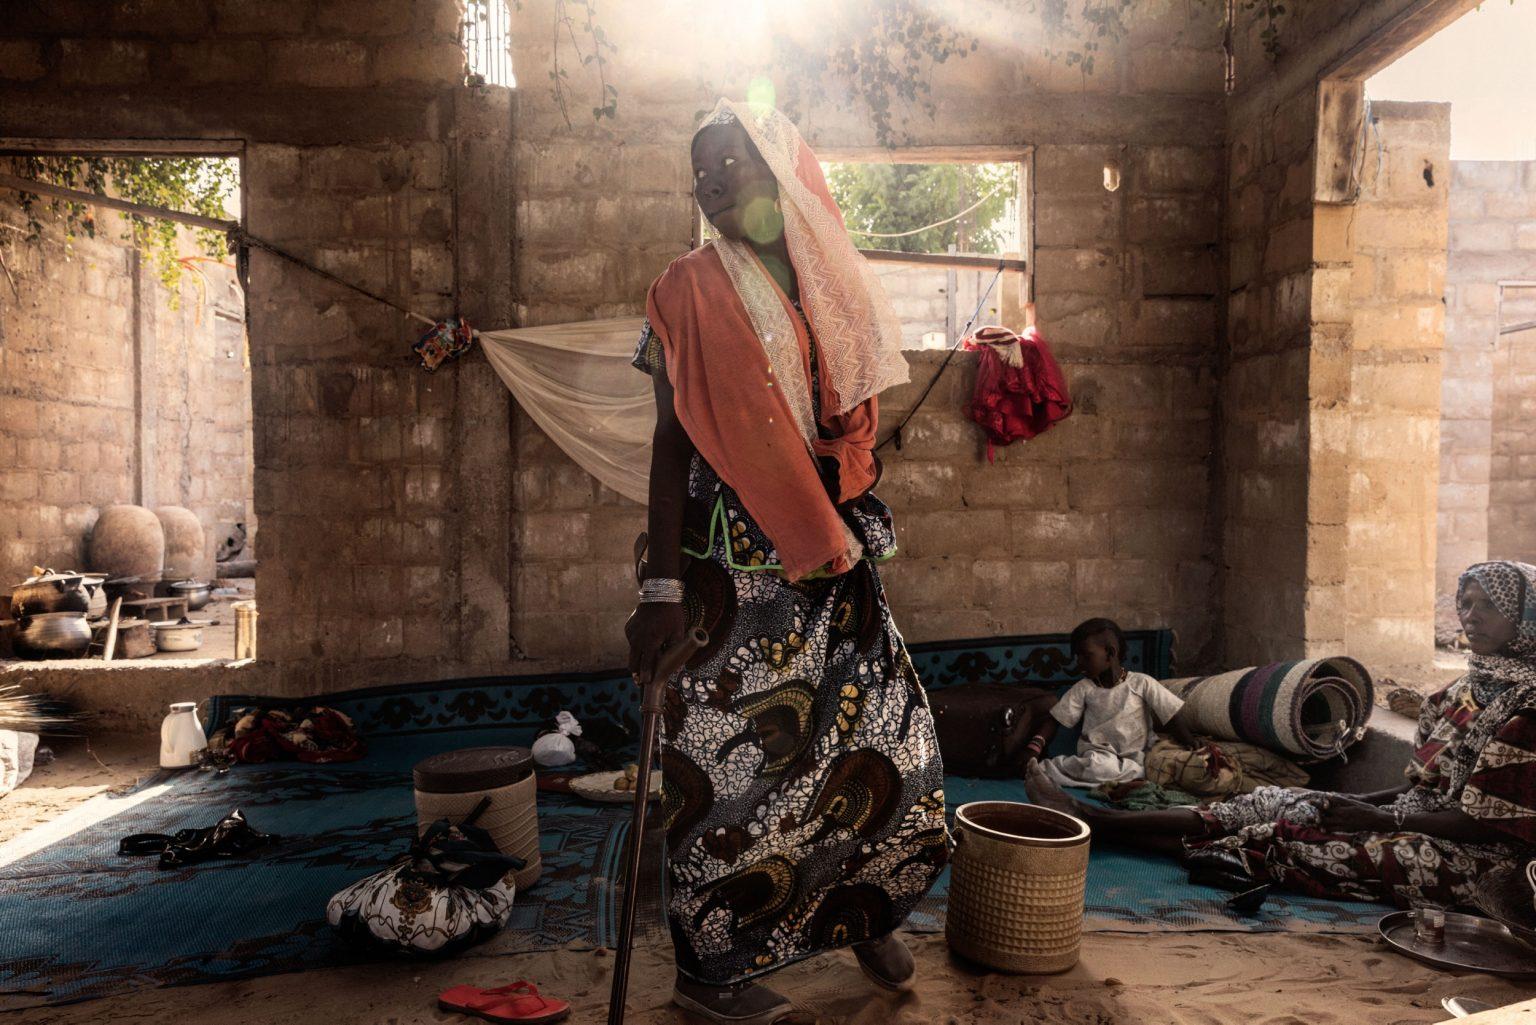 Africa, Chad, Gomirom Domouli, October 2018 - Halima Adama, a former member of Boko Haram terrorist group. Halima is a kamikaze who survived a suicide attack she carried out herself. This young woman, now aged 20, was forced into carrying out this suicide mission at the age of just 18. She did not die in the explosion, but she lost both of her legs, and has now returned to live with her family in the village of Gomirom Domouli. >< Africa, Ciad, Gomirom Domouli, Ottobre 2018 - Halima Adama, una ex membra del gruppo terroristico Boko Haram. Halima è una kamikaze che è sopravvissuta all?attacco suicida compiuto da lei stessa. Questa giovane donna, che ora ha 20 anni, è stata costretta a compiere questa missione suicida all?età di 18 anni. Non è morta nell?esplosione ma ha perso entrambe le gambe ed è tornata ora a vivere con la sua famiglia nel villaggio di Gomirom Domouli. *** SPECIAL   FEE   APPLIES *** *** Local Caption *** 01362924